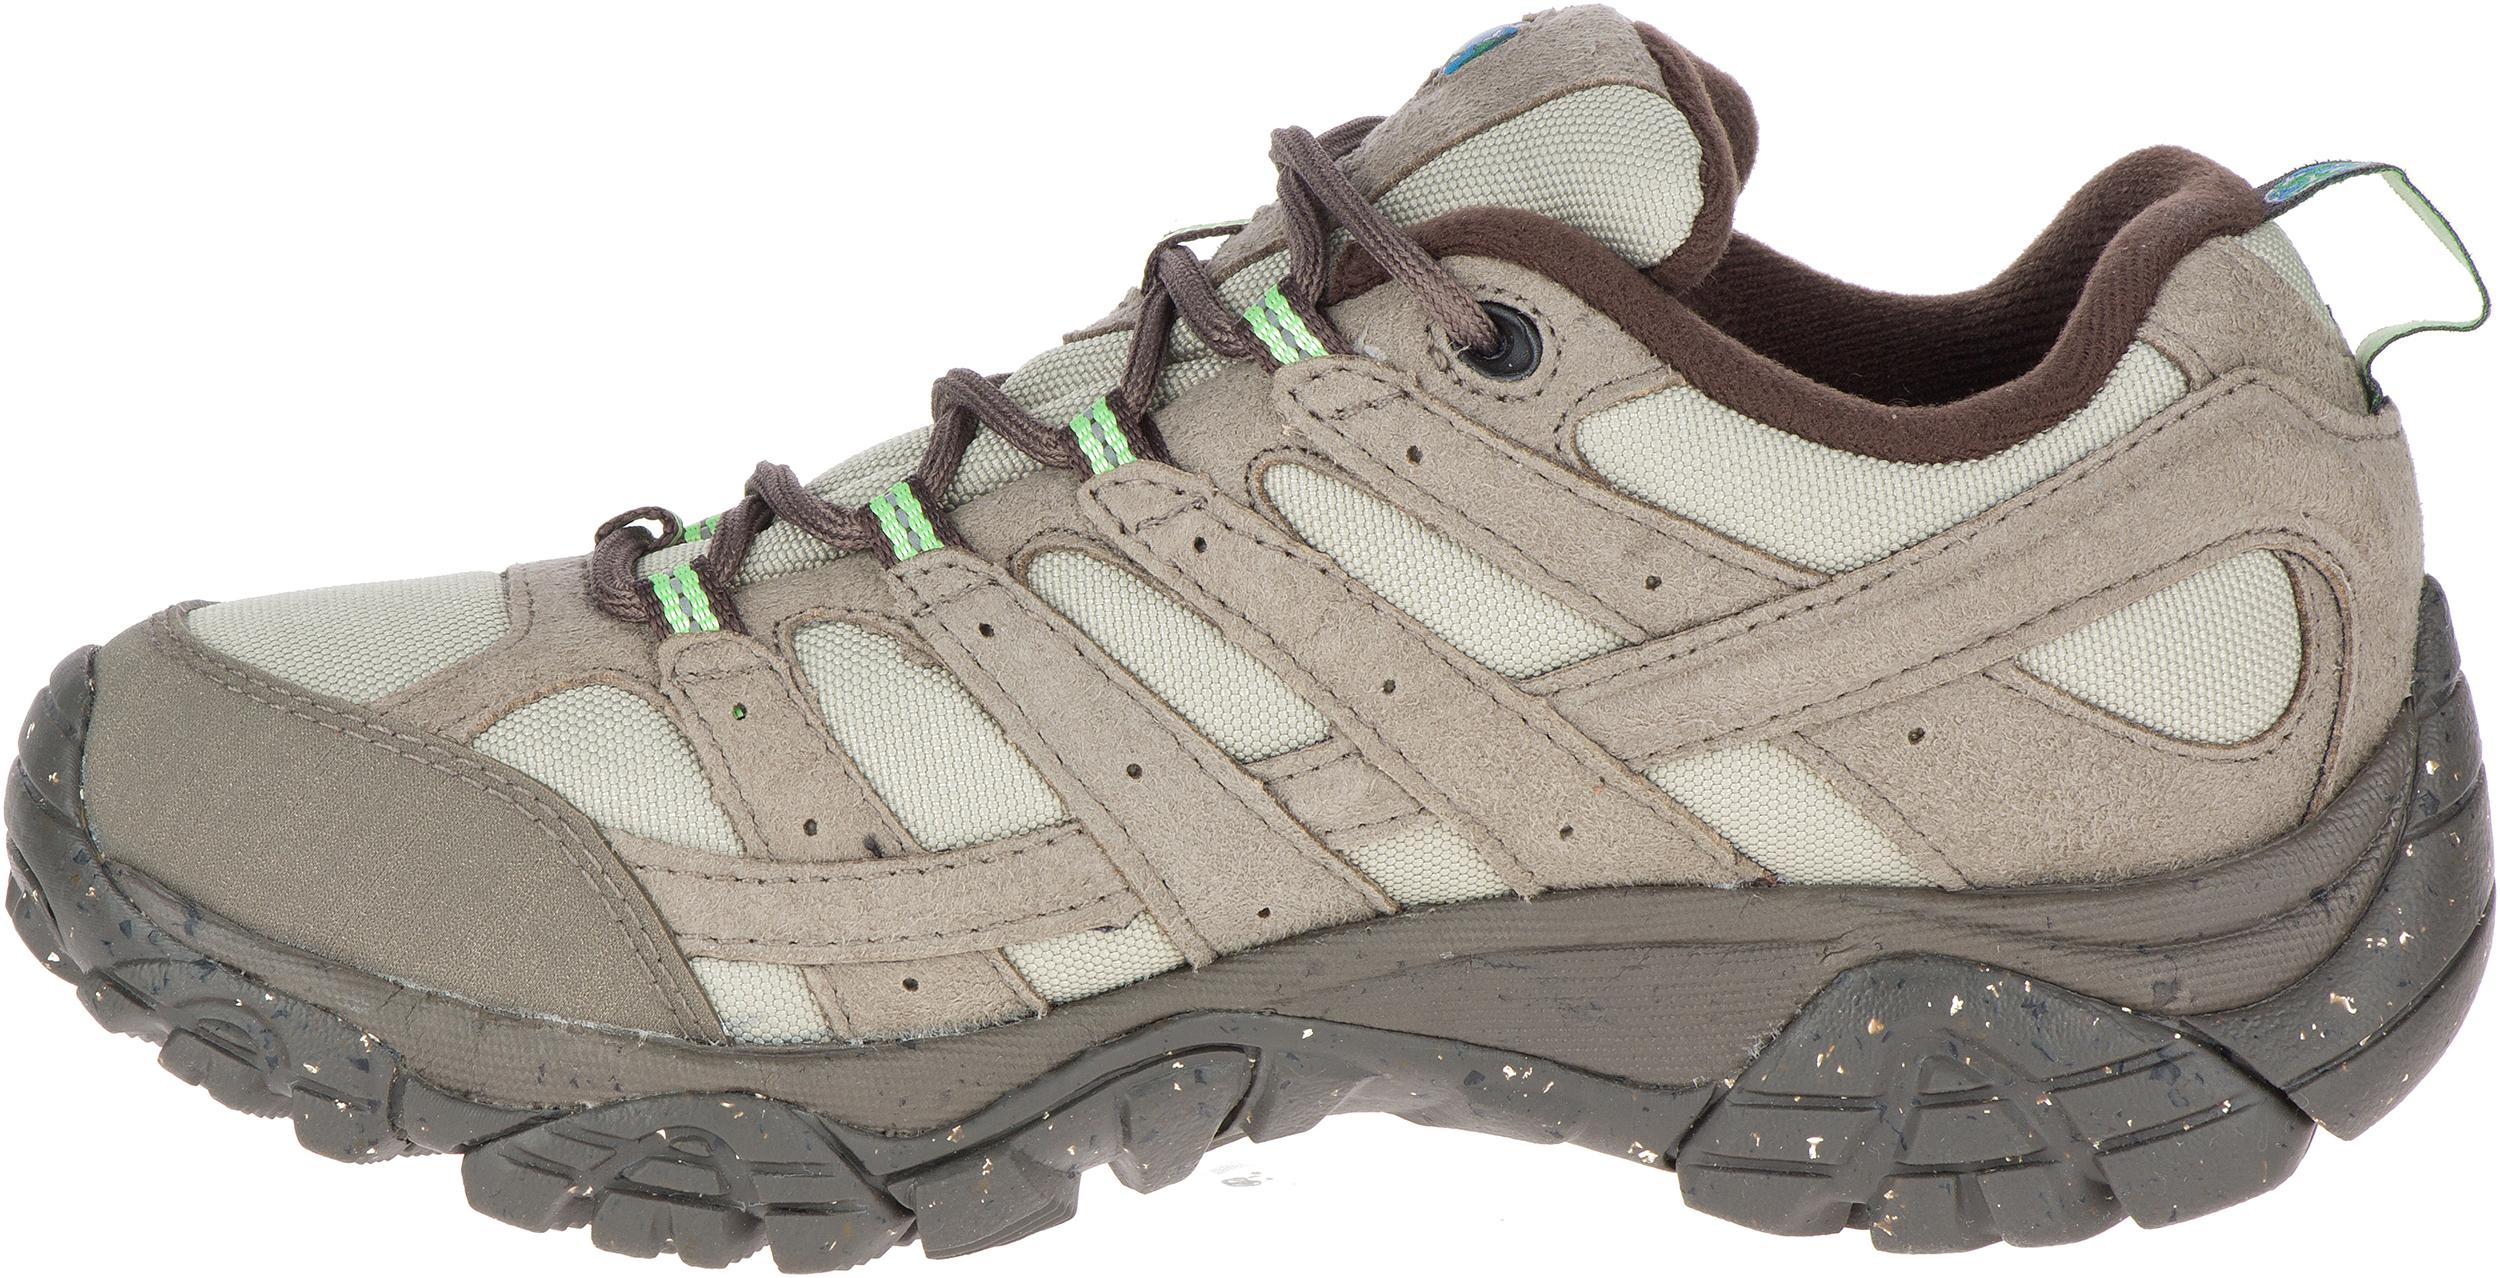 Chaussures de courte randonnée Moab 2 Vegan de Merrell